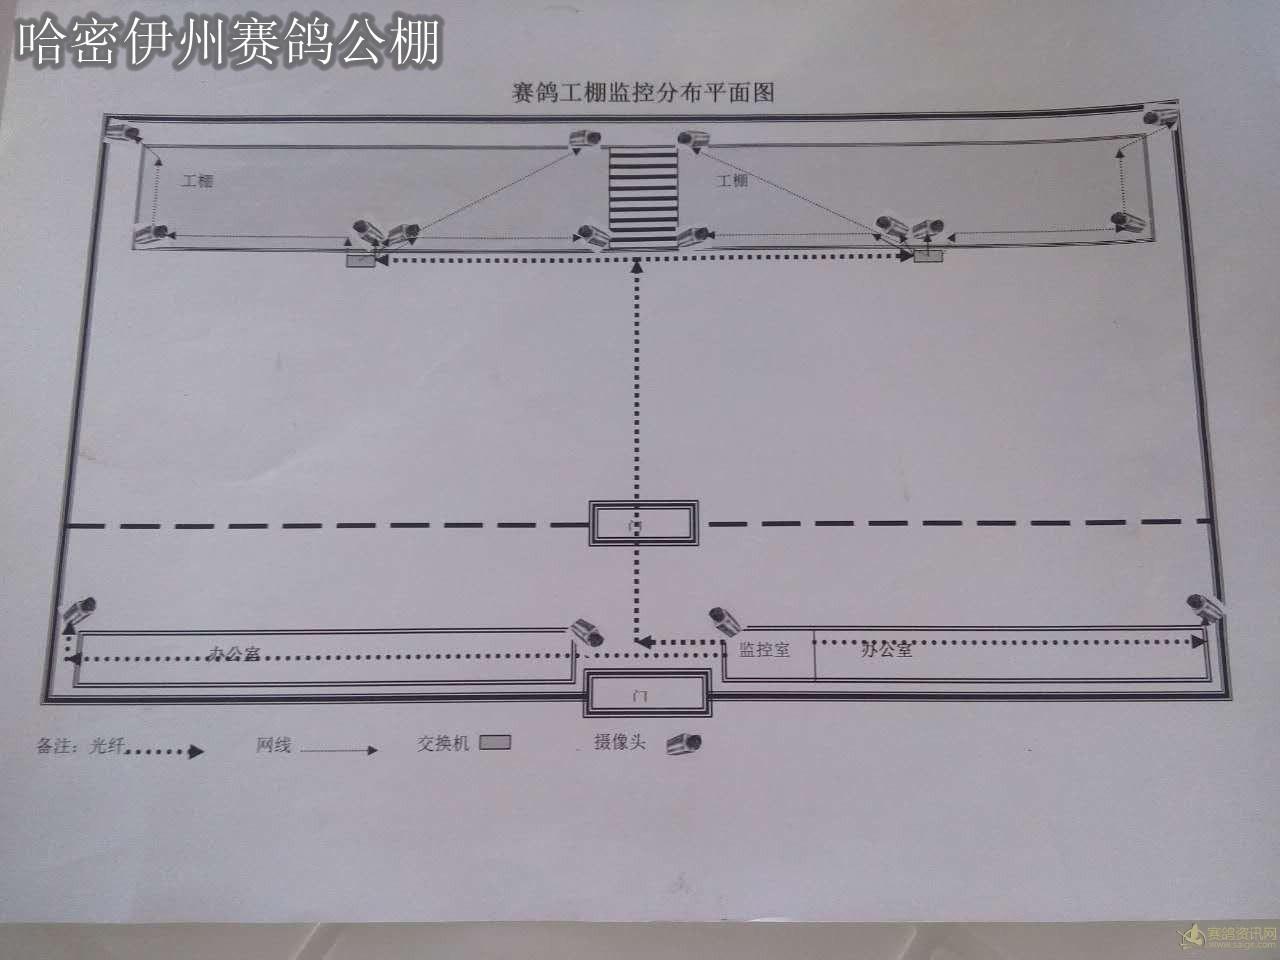 监控布局平面图